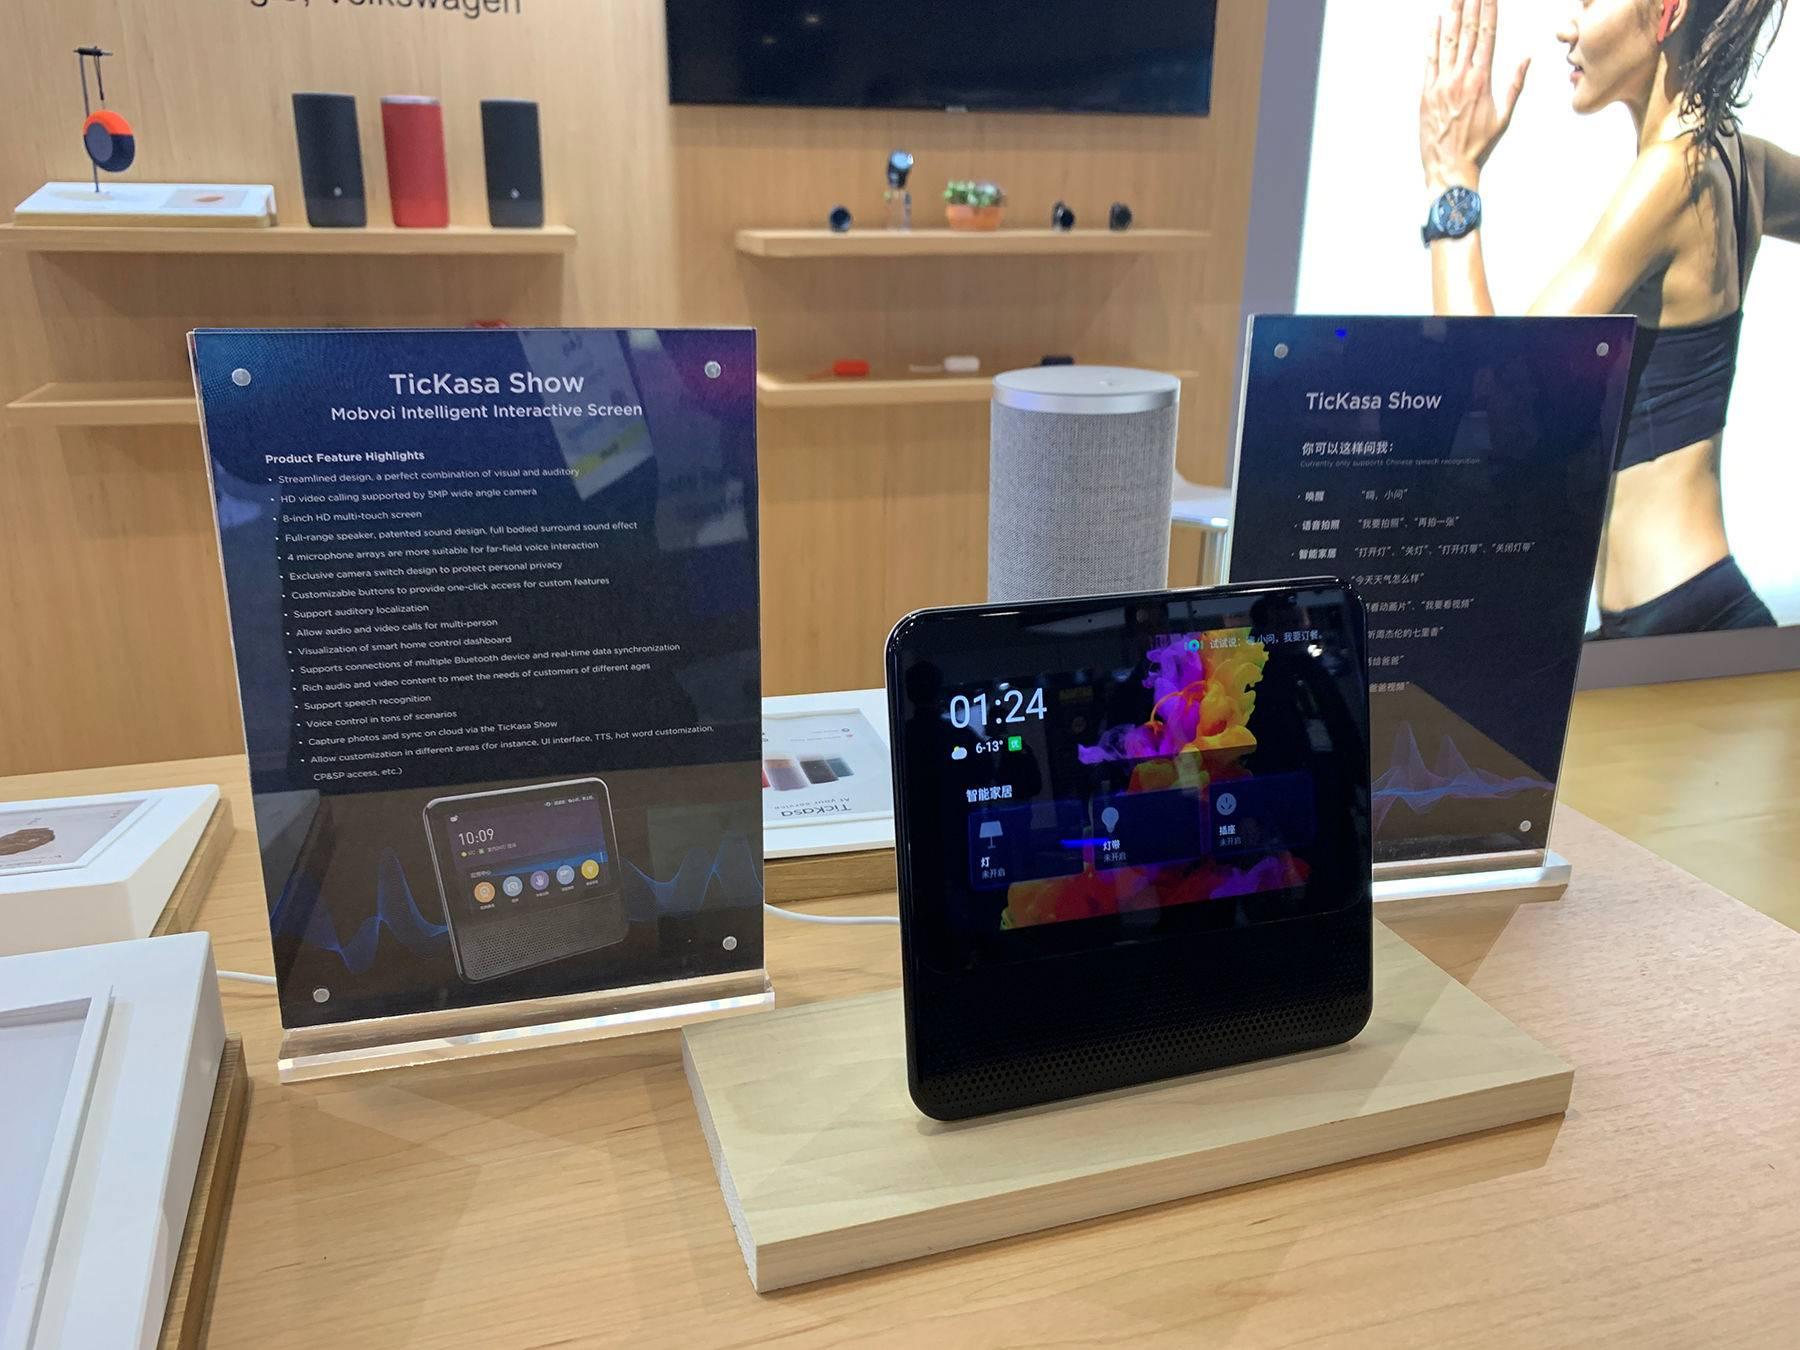 除了带屏幕的TicKasa Show,出门问问还展出了多款智能硬件新品